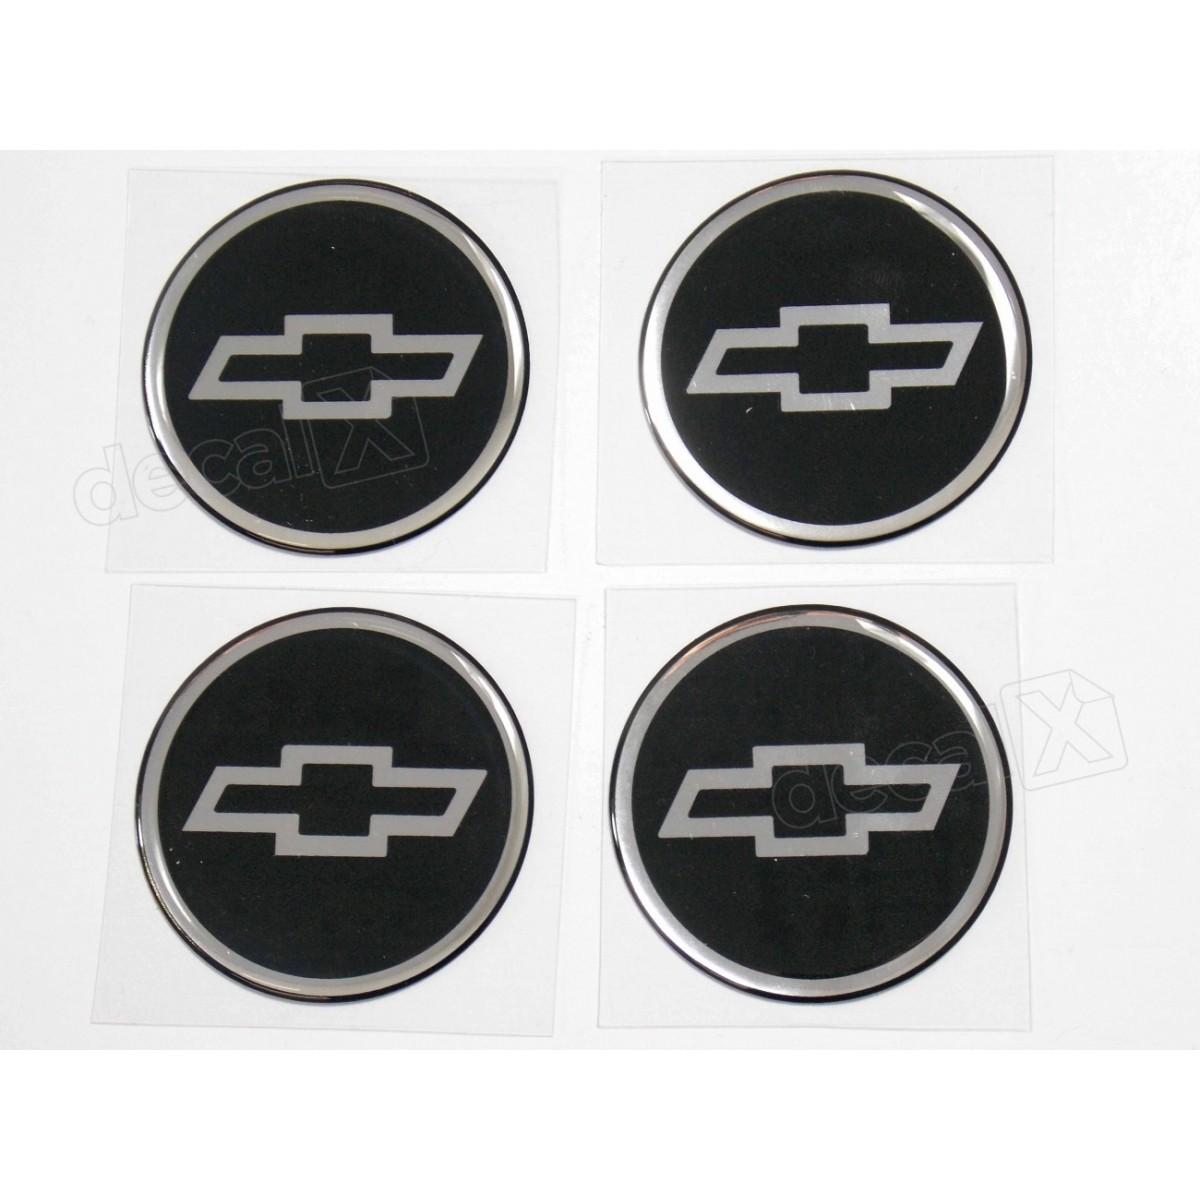 Adesivo Emblema Resinado Roda Chevrolet 48mm Cl13